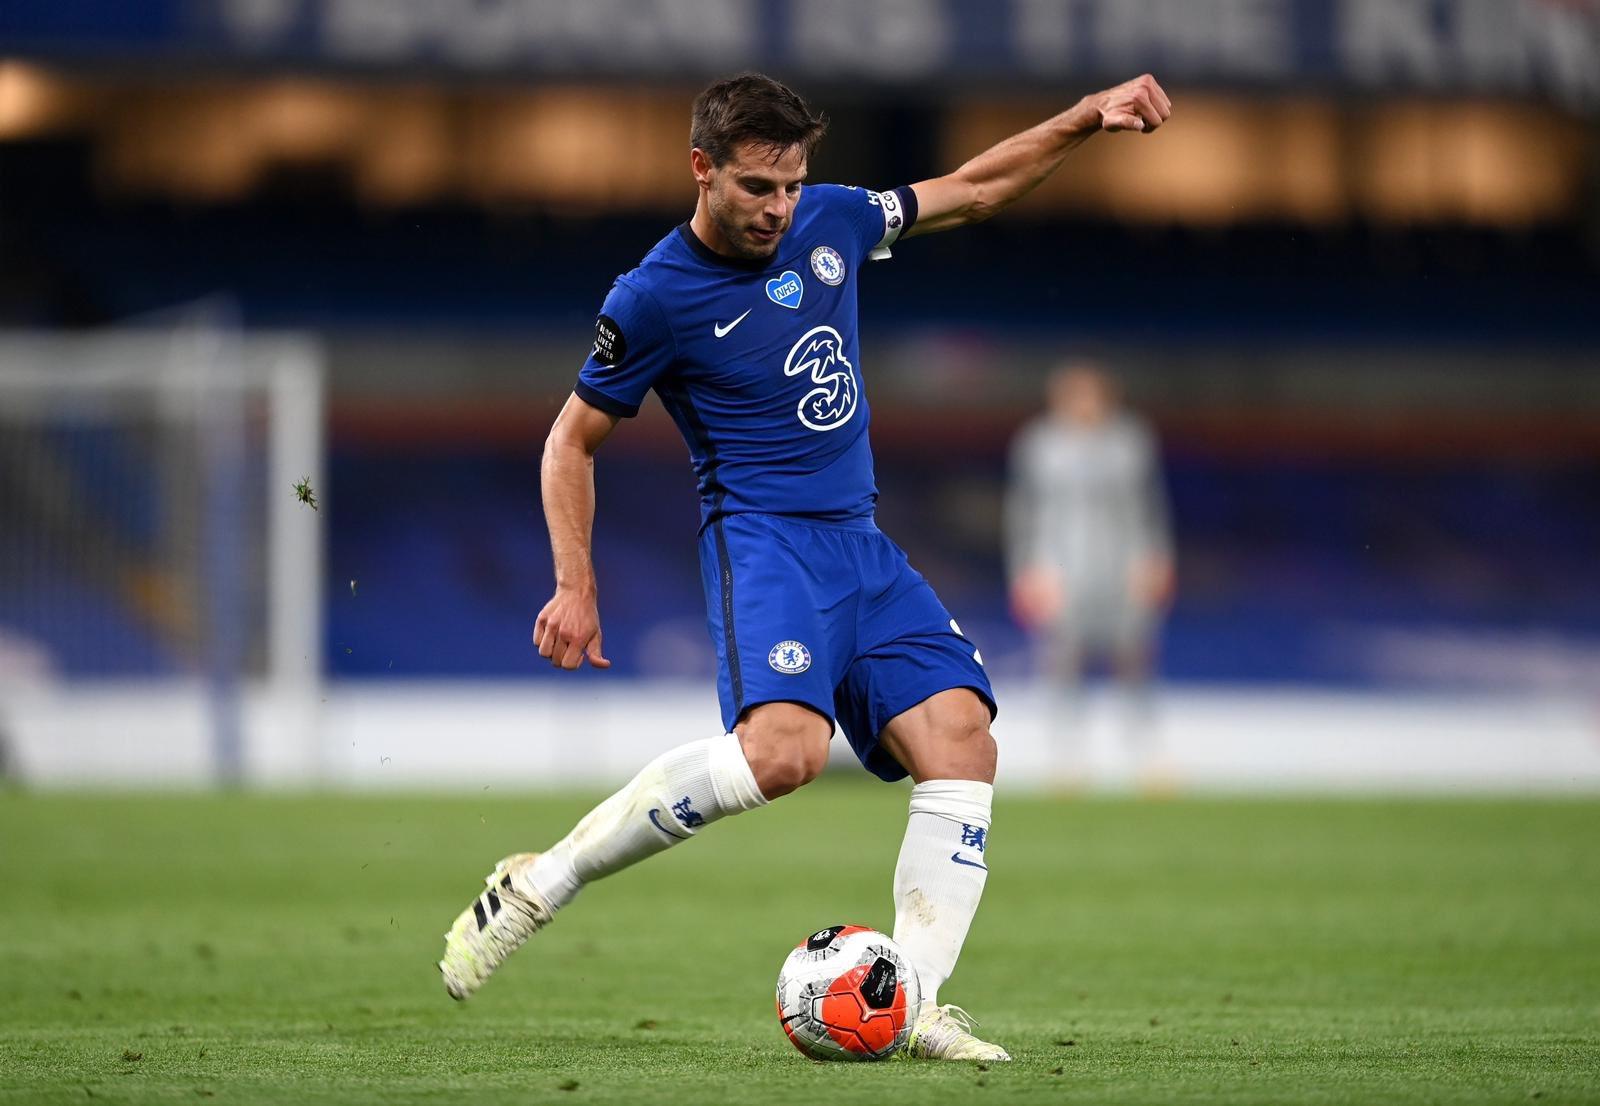 ¡Por el bicampeonato de Europa! Chelsea desea un XI inigualable 5